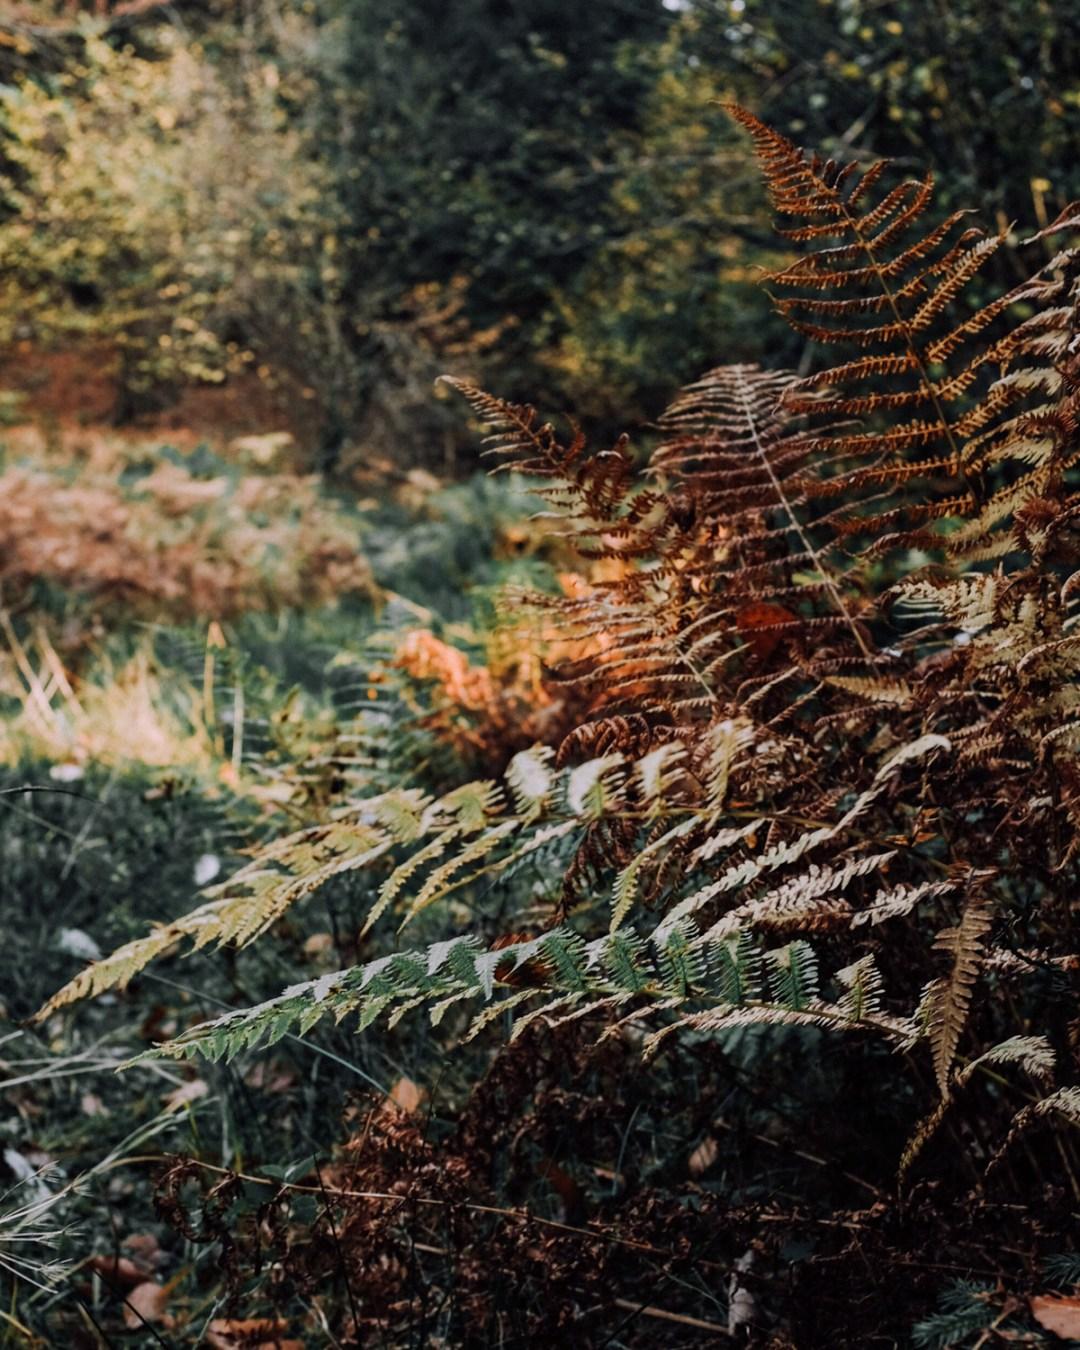 Inastil, Herbstinspiration, Herbst, Schokobrownie, Karamell-Schoko-Brownie, Cozy, Interior, Herbstblumen, Herbstdekoration, Backen, Natur, Waldspaziergang-11